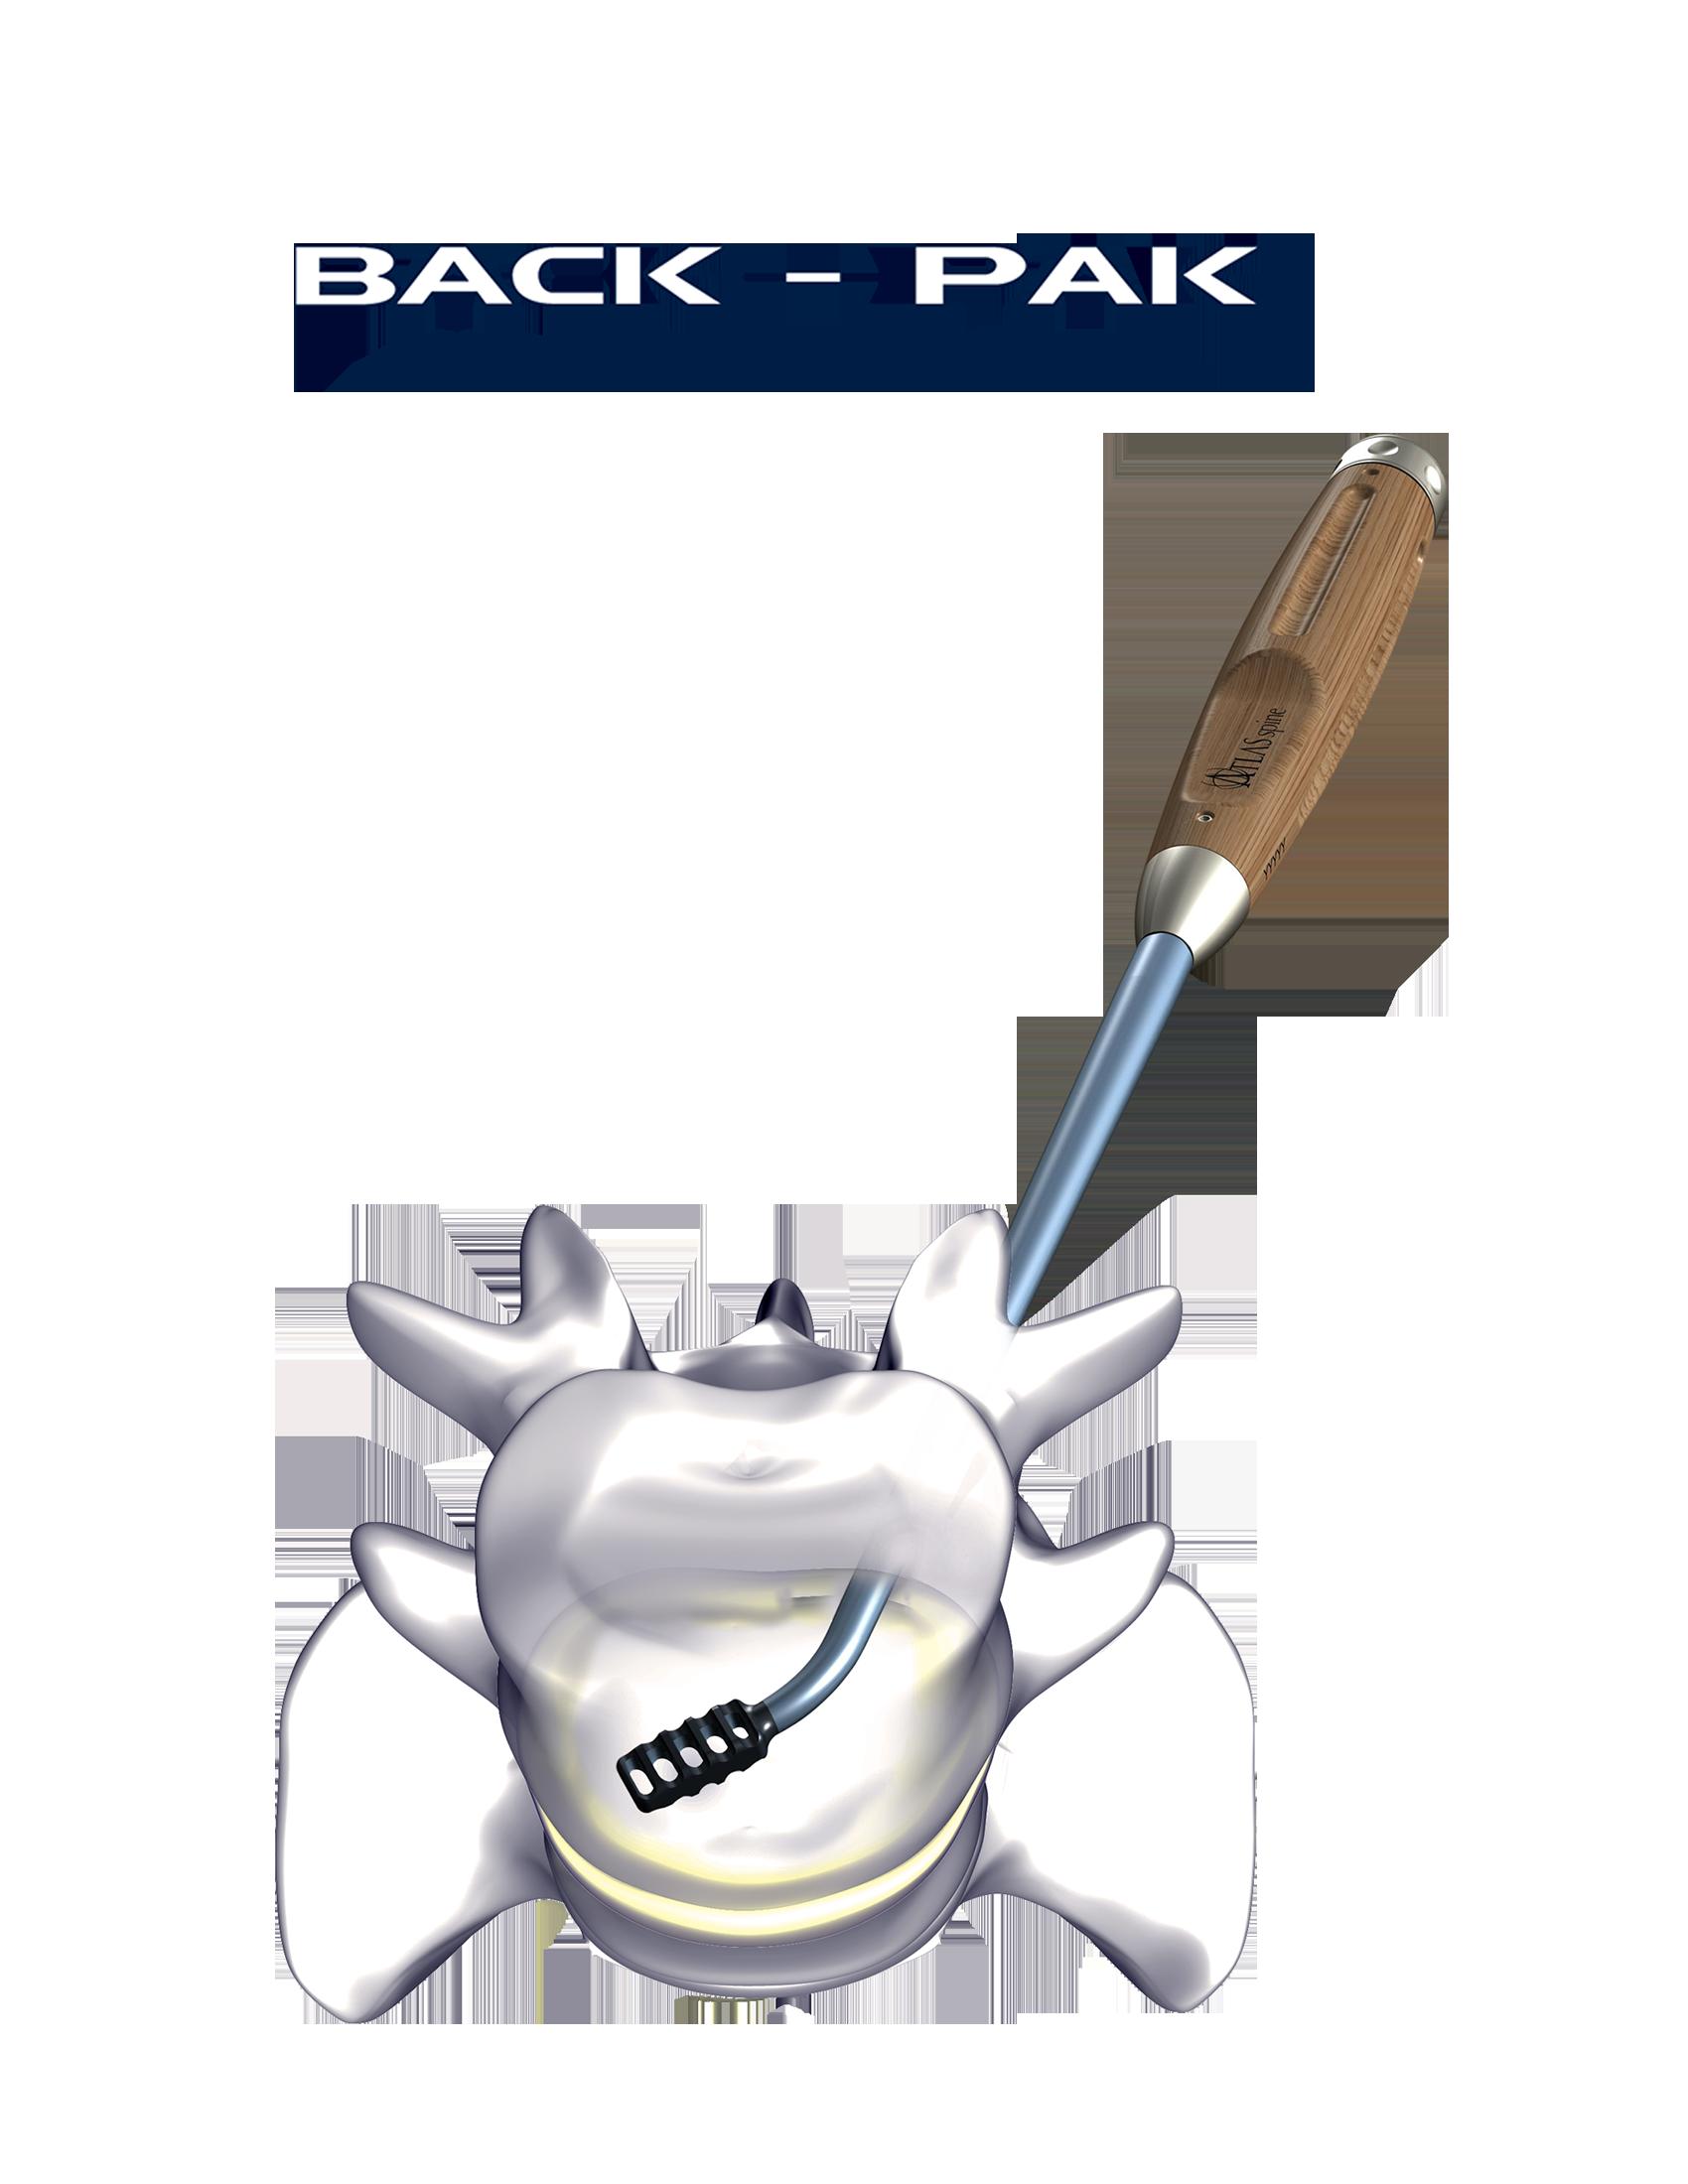 BACK-PAK WITH LOGO